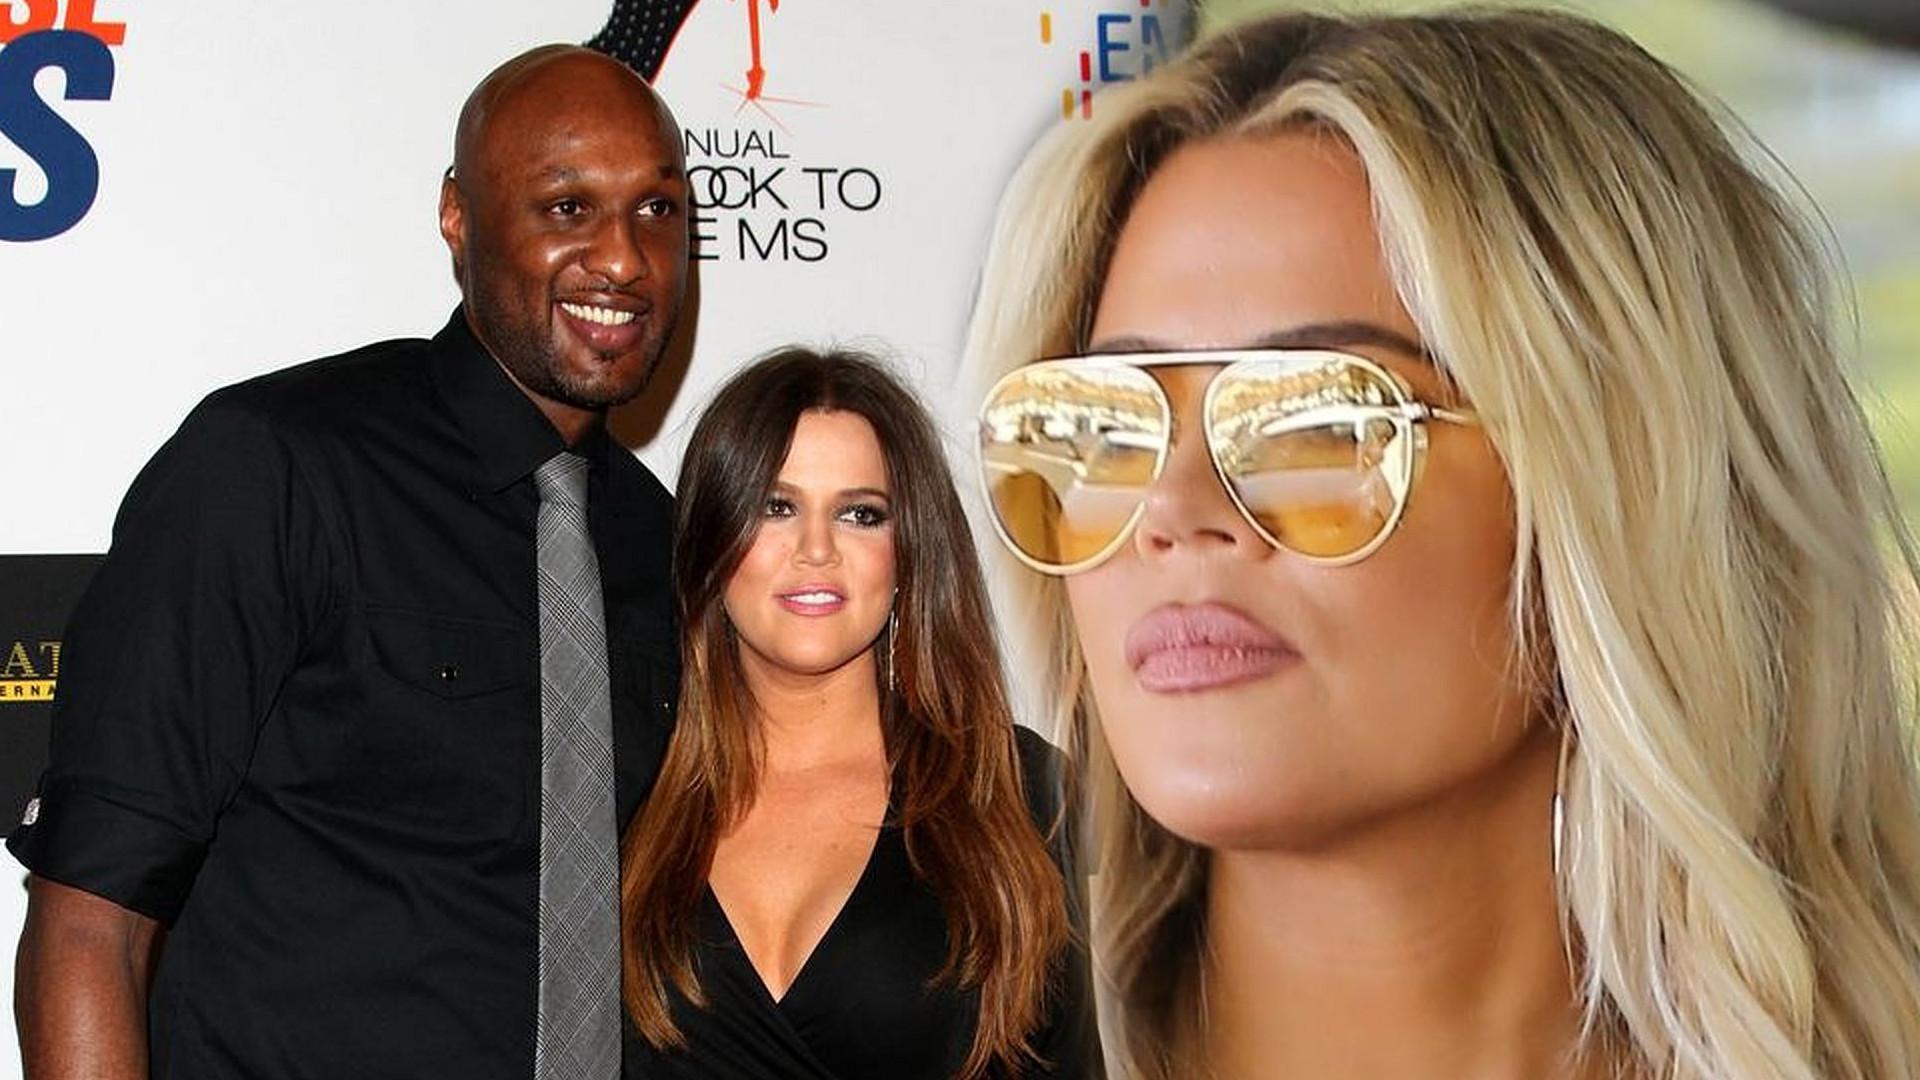 Khloe Kardashian wyznaje, że tęskni za byłym mężem Lamarem Odomem! Co na to jej siostry?